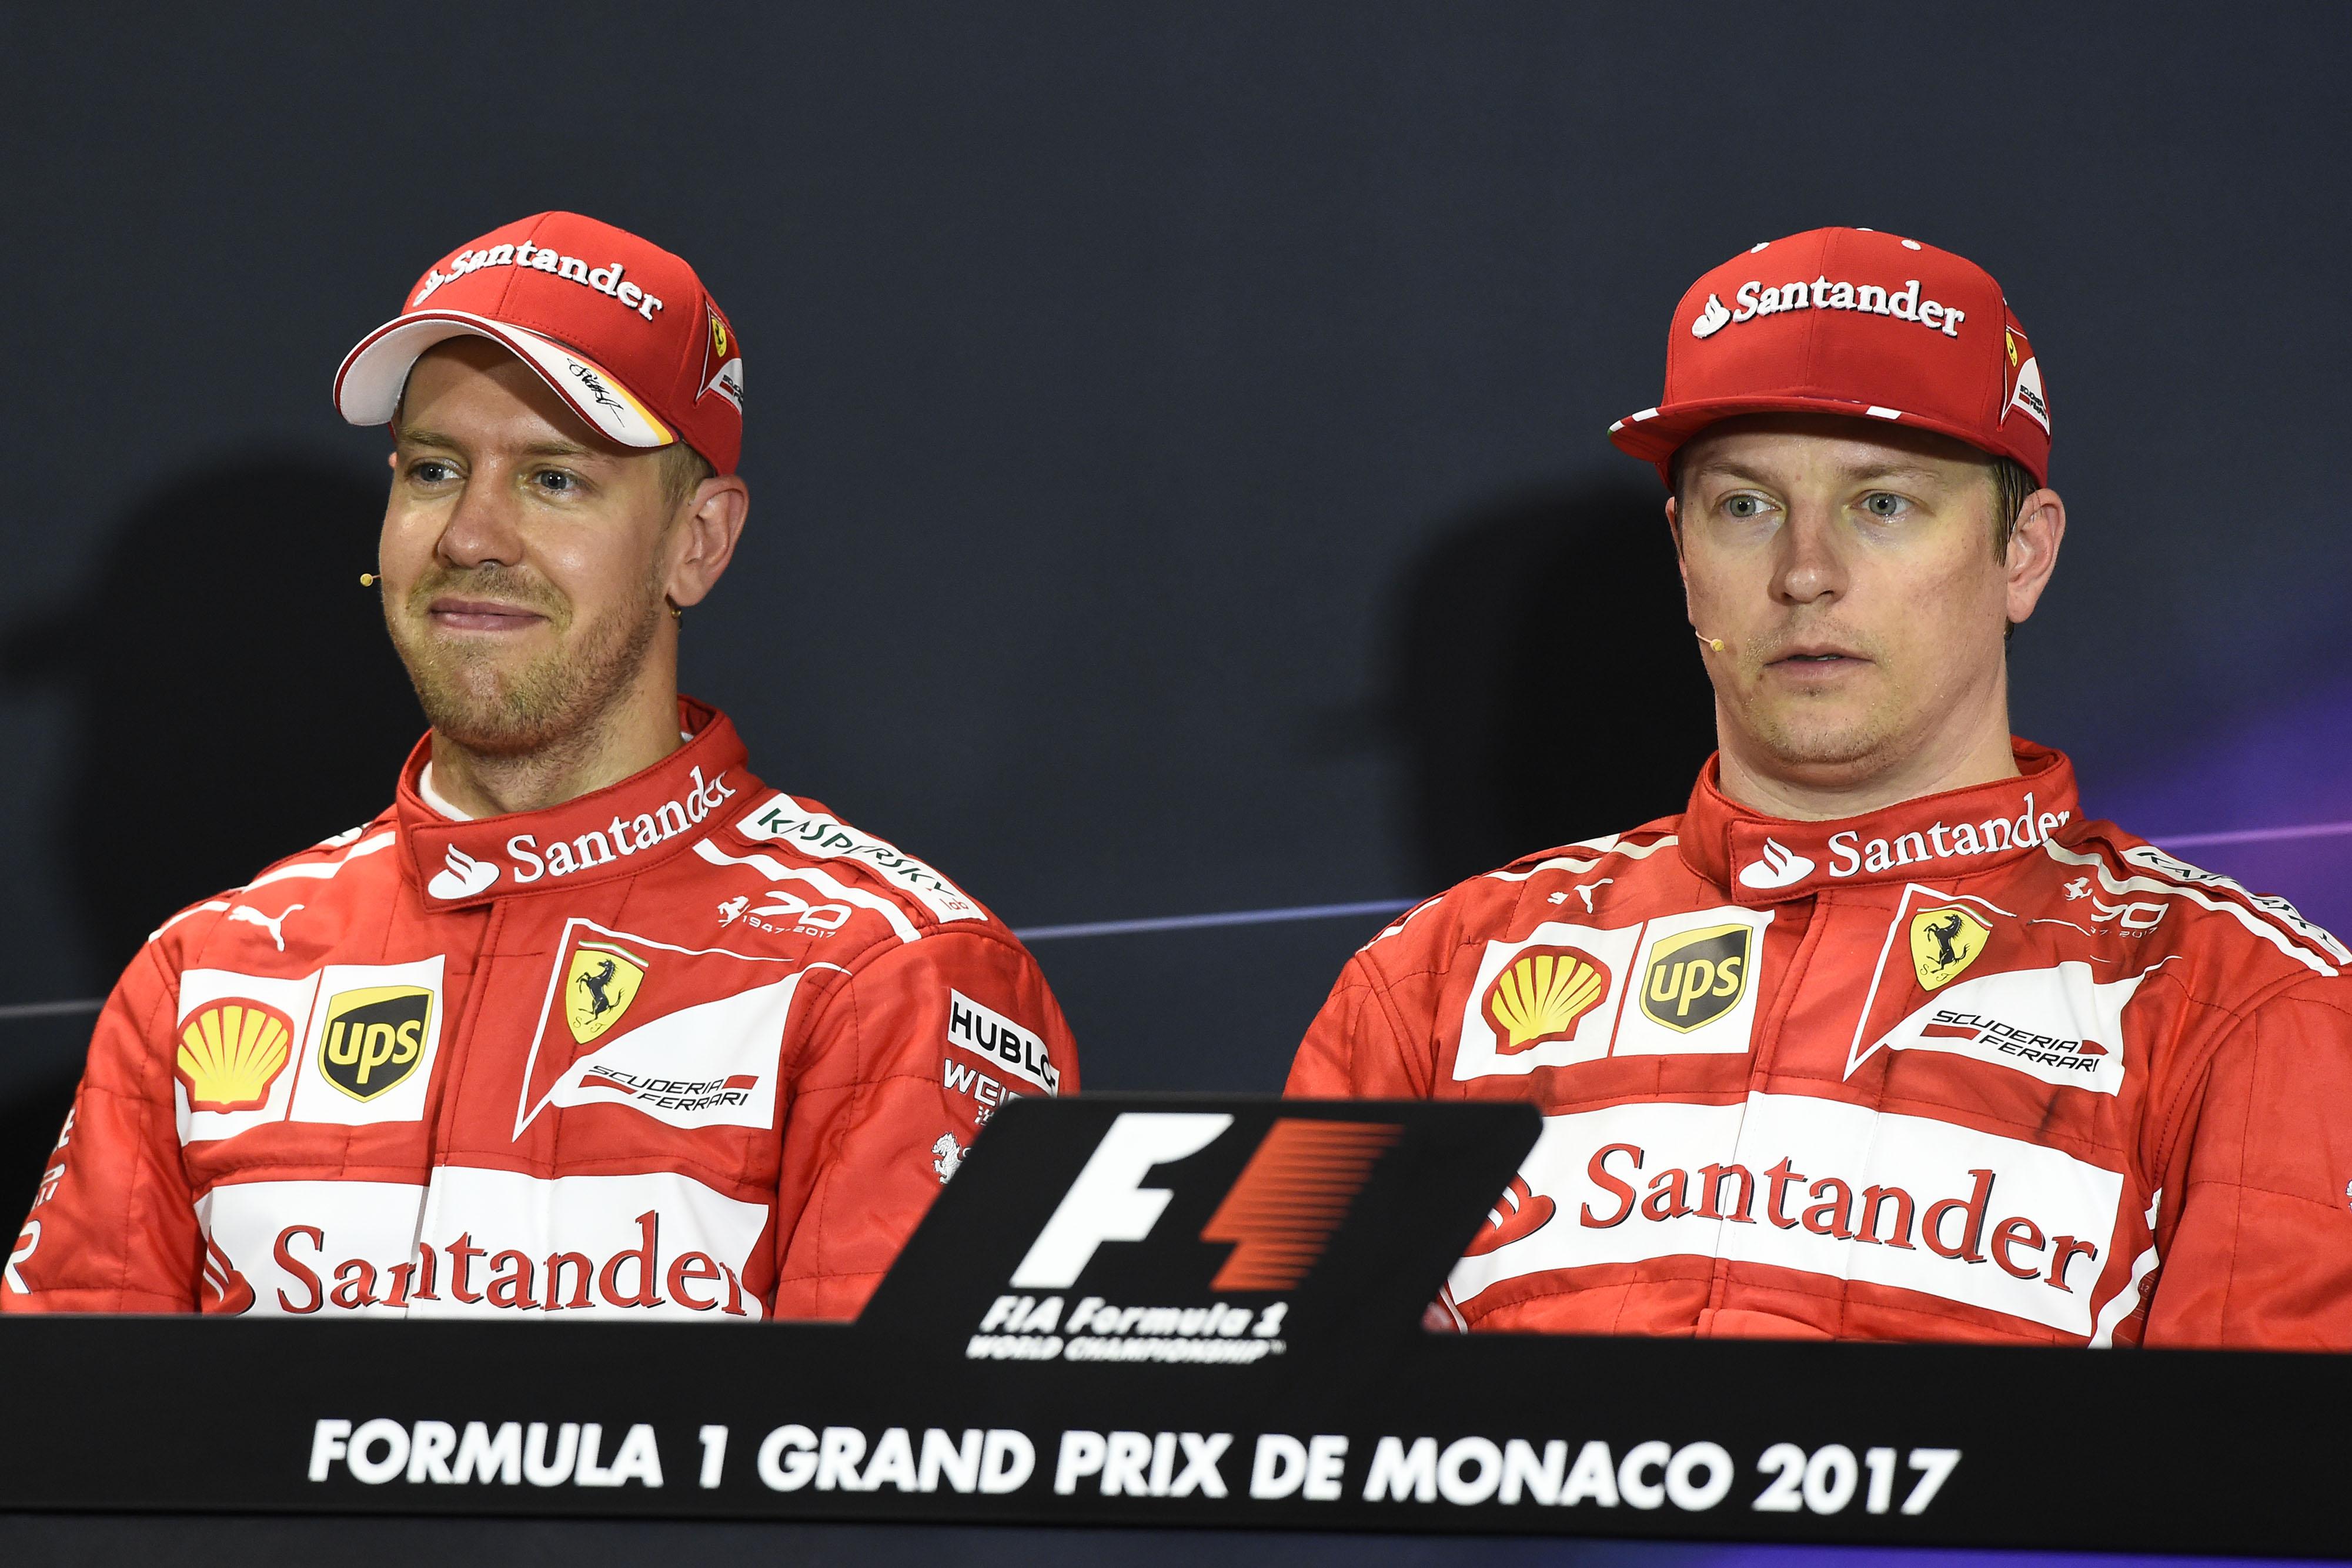 Doppietta Ferrari al Gp di Montecarlo, Vettel trionfa su Raikkonen